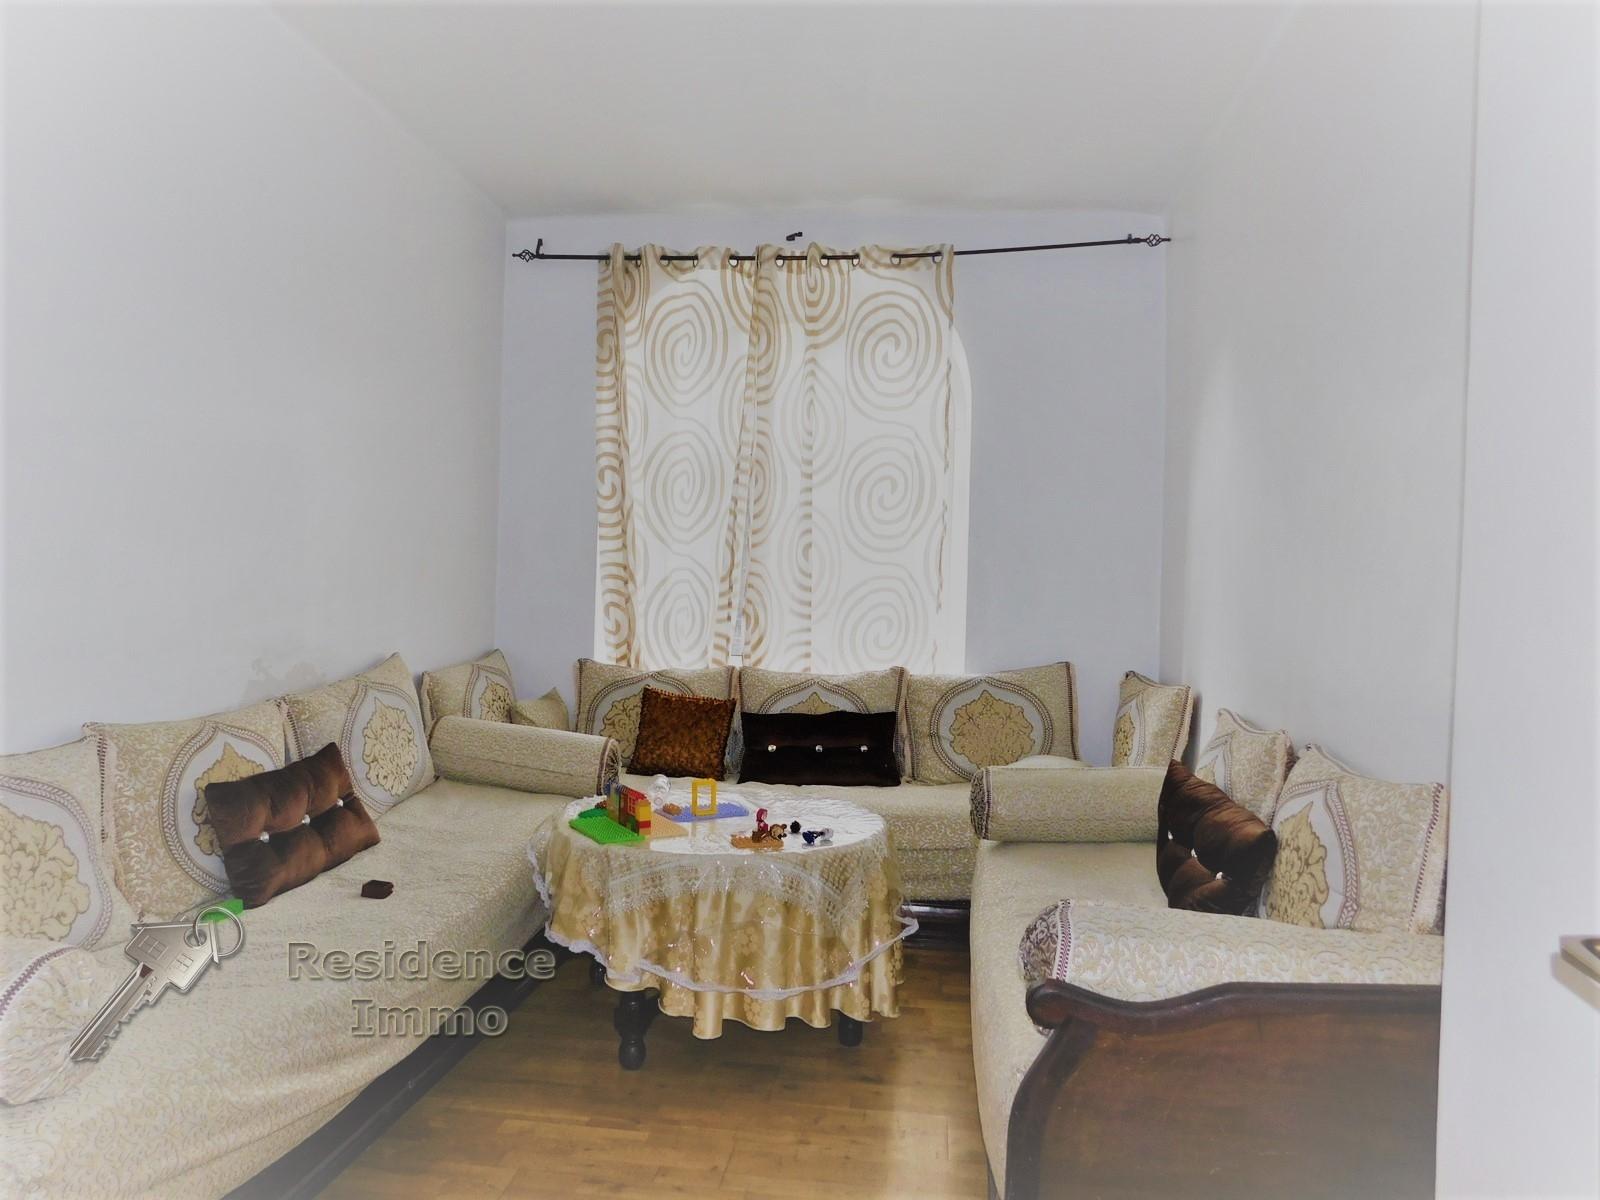 Appartamento in vendita a Bolzano, 3 locali, zona Zona: Residenziale, prezzo € 240.000 | Cambio Casa.it